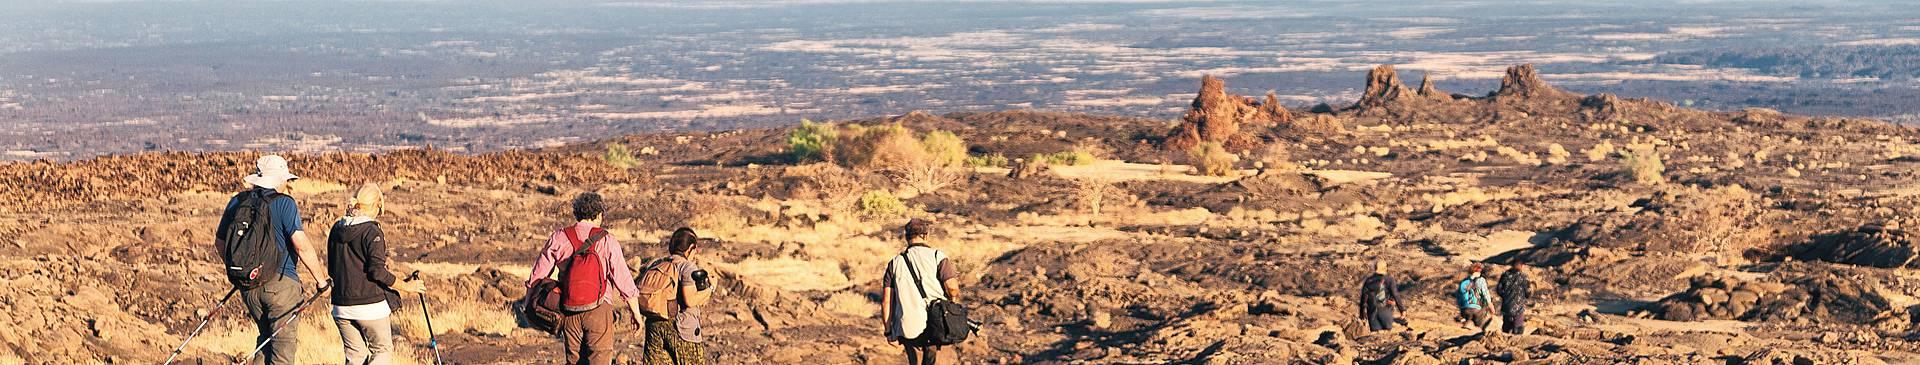 Gruppenreisen Äthiopien